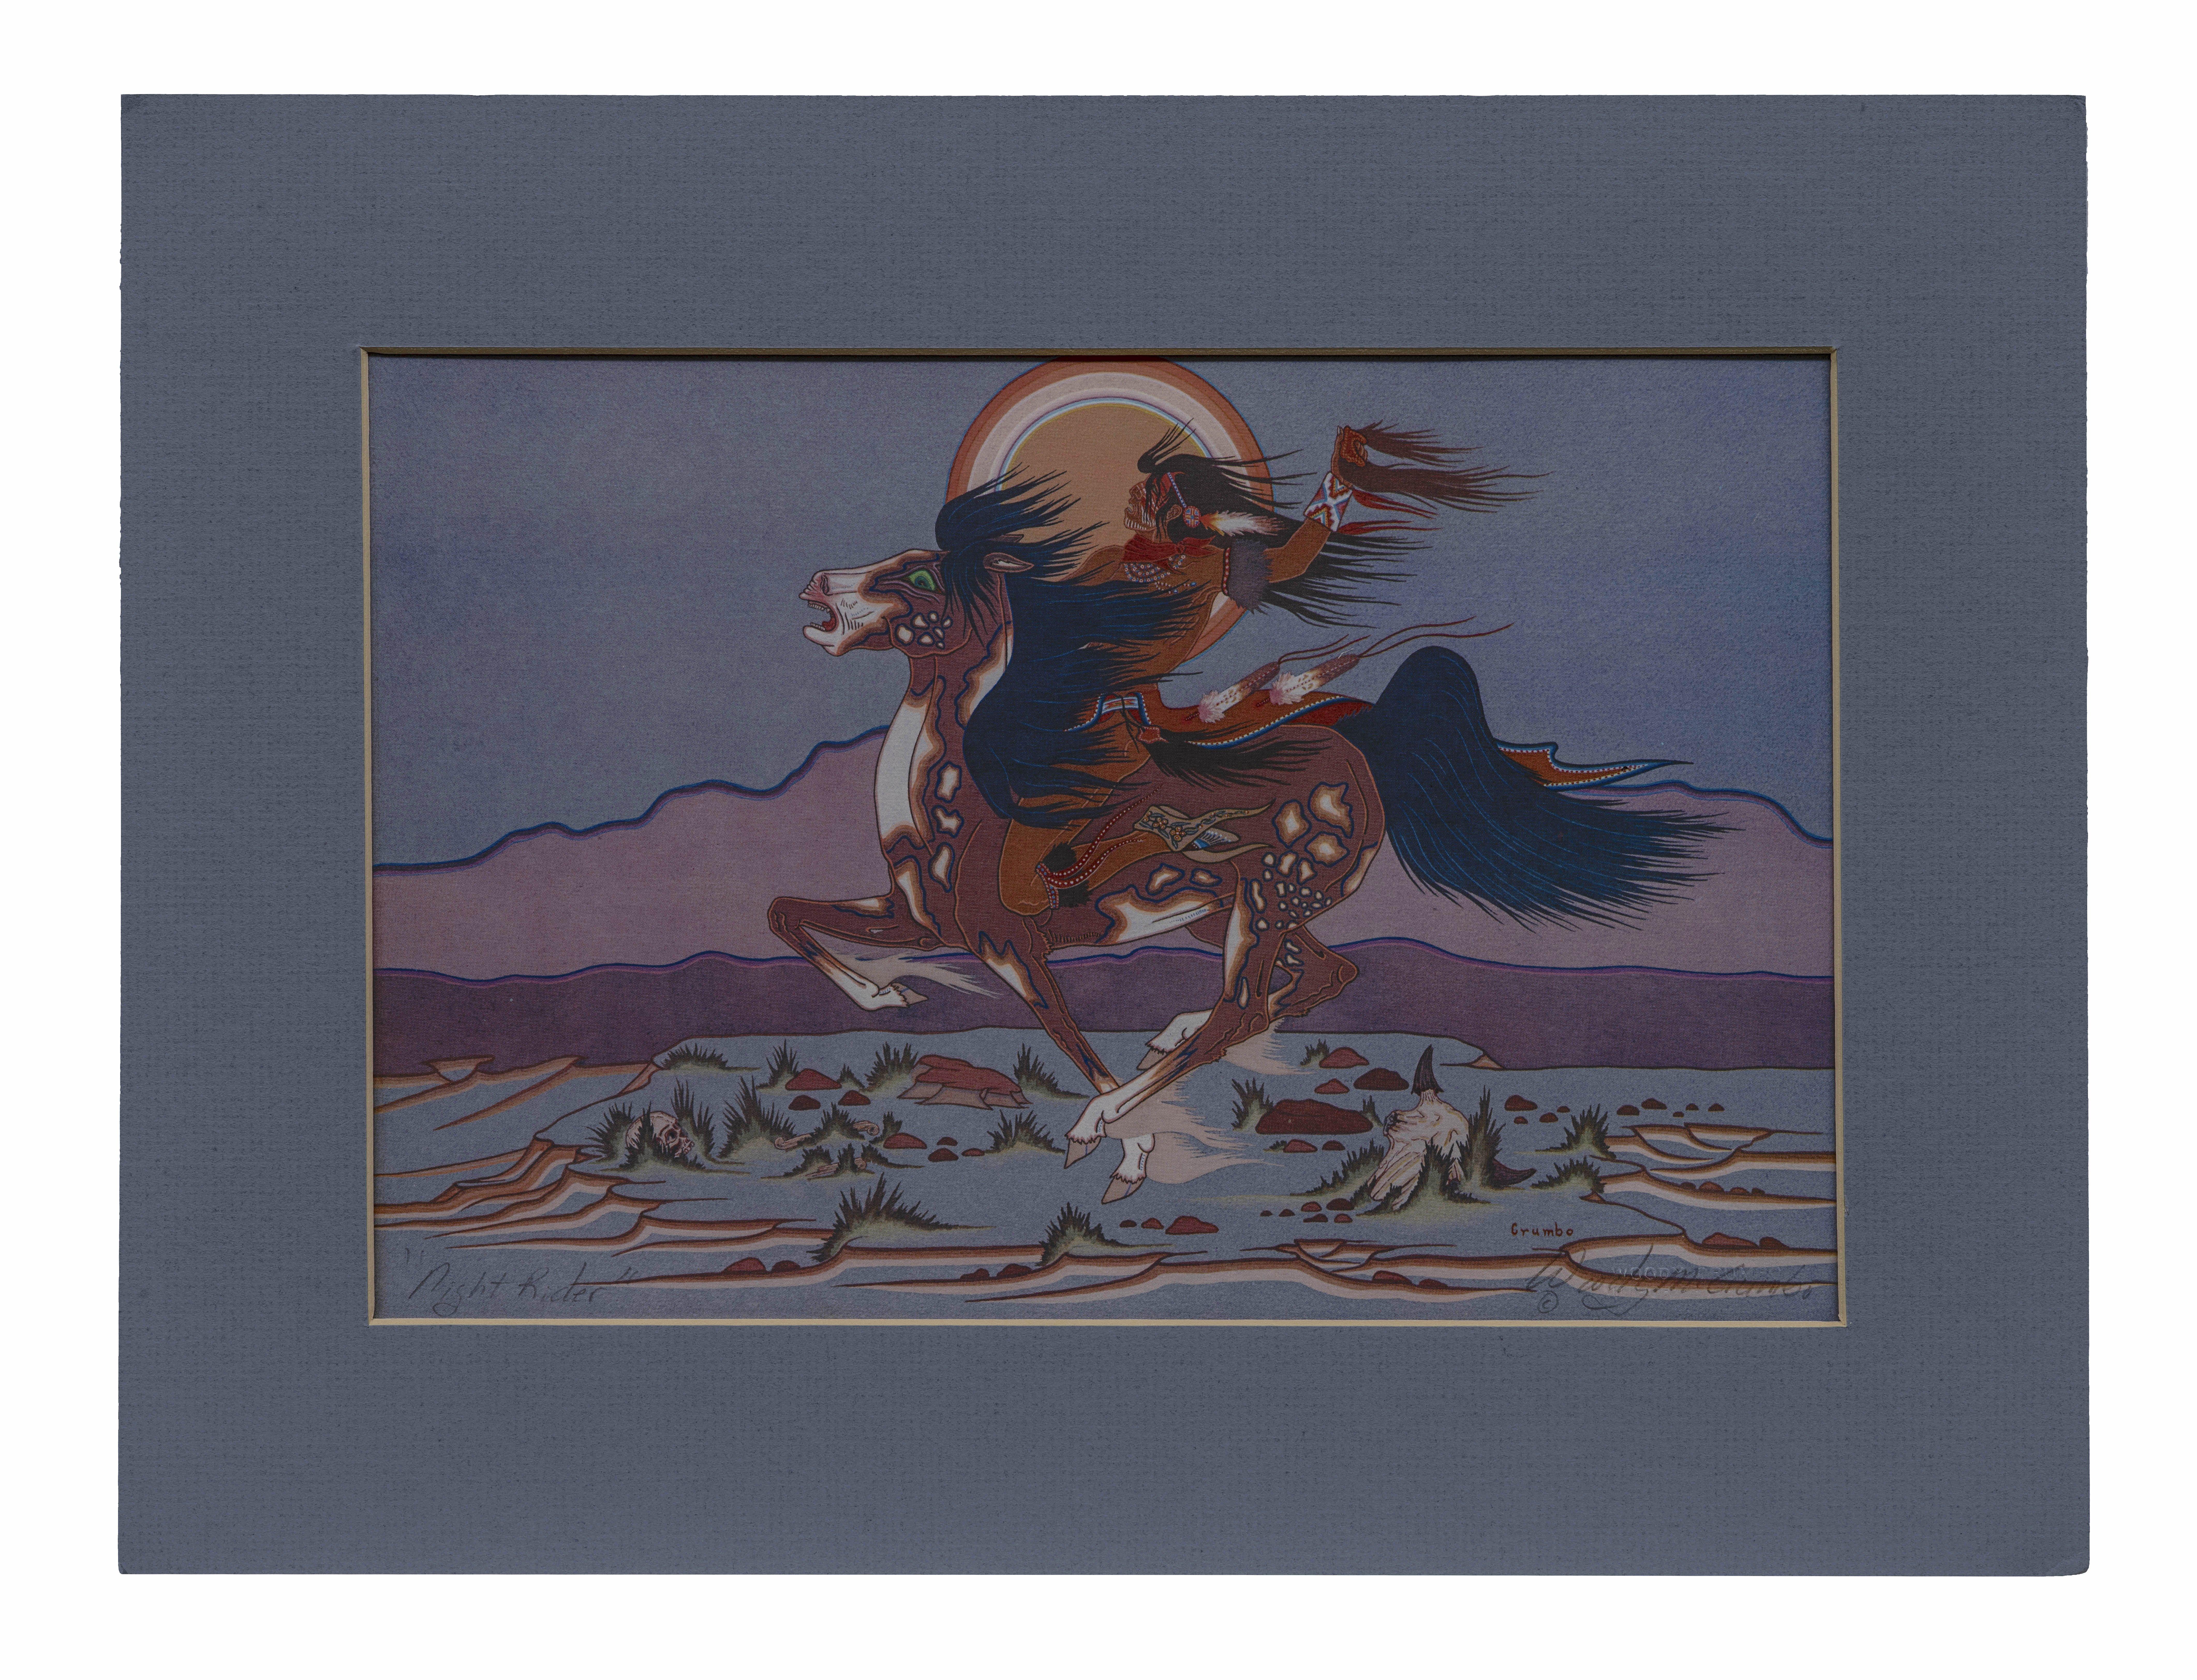 Woody Crumbo night rider print